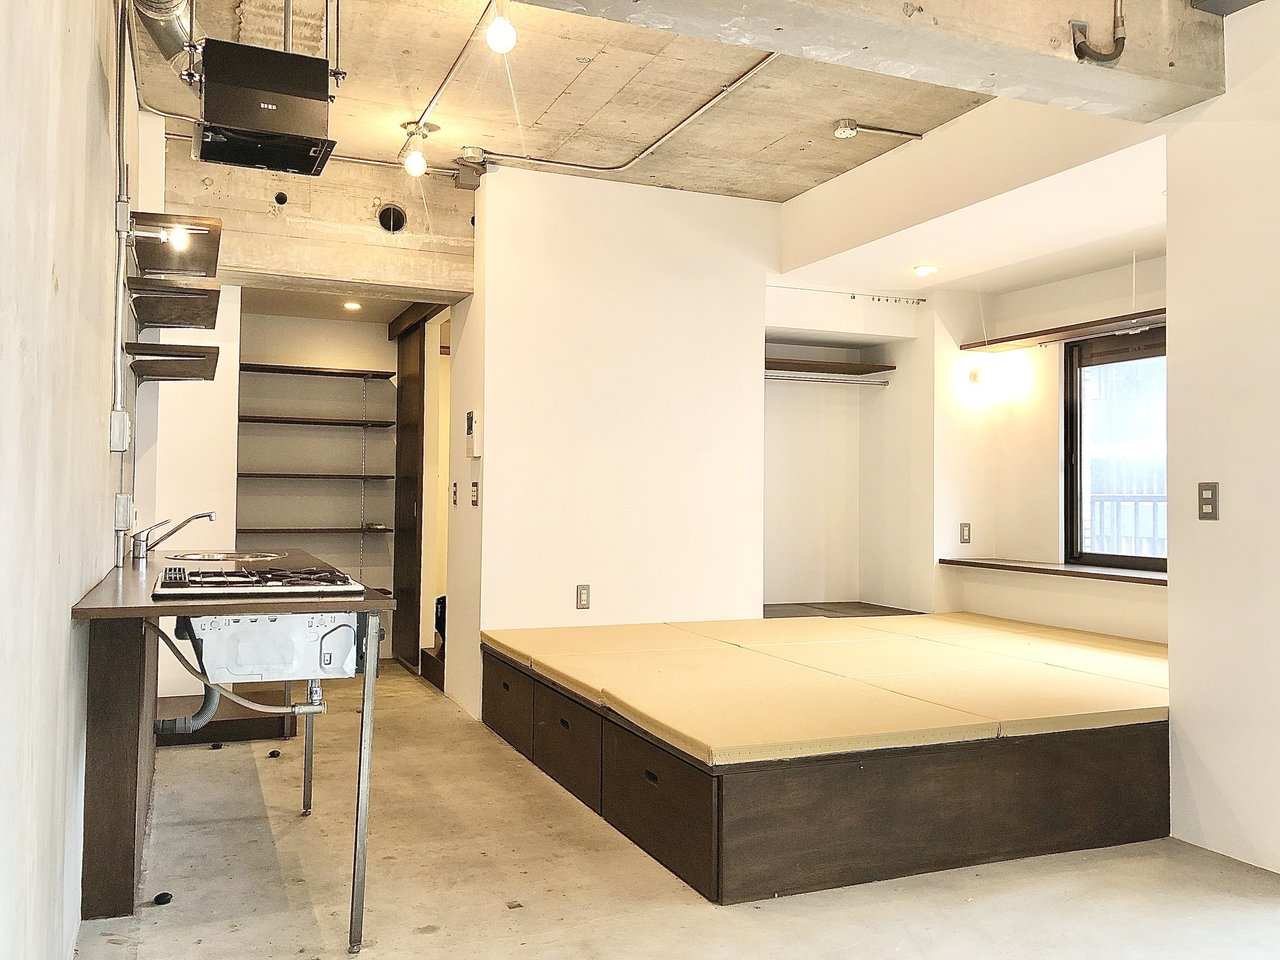 蔵前駅徒歩2分の立地、和モダンにリノベーションされた13.8畳のワンルーム物件。天井も高く、開放感がありますね。